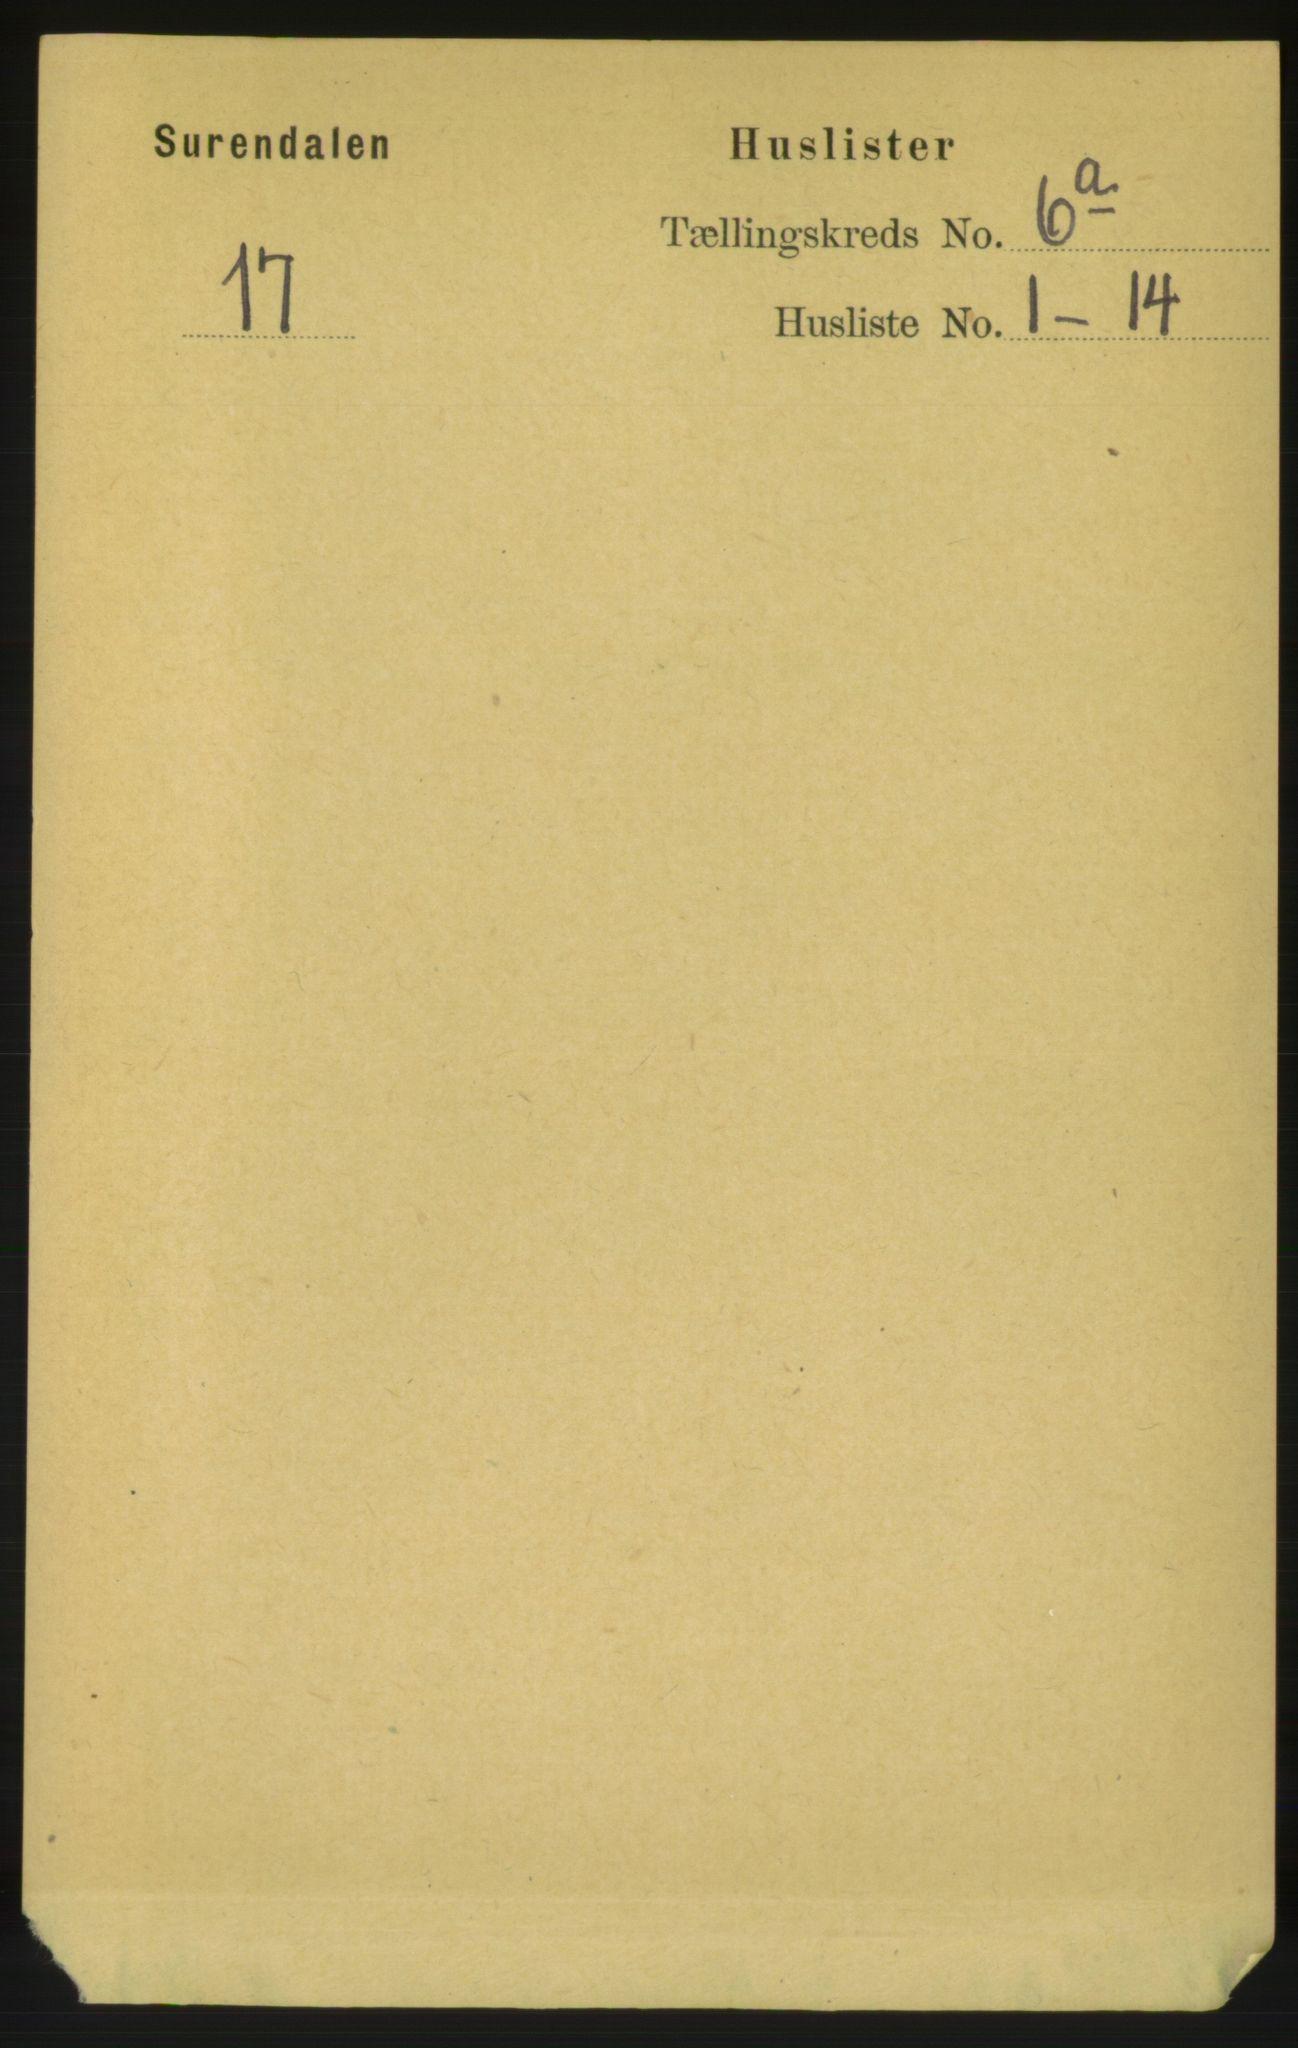 RA, Folketelling 1891 for 1566 Surnadal herred, 1891, s. 1654